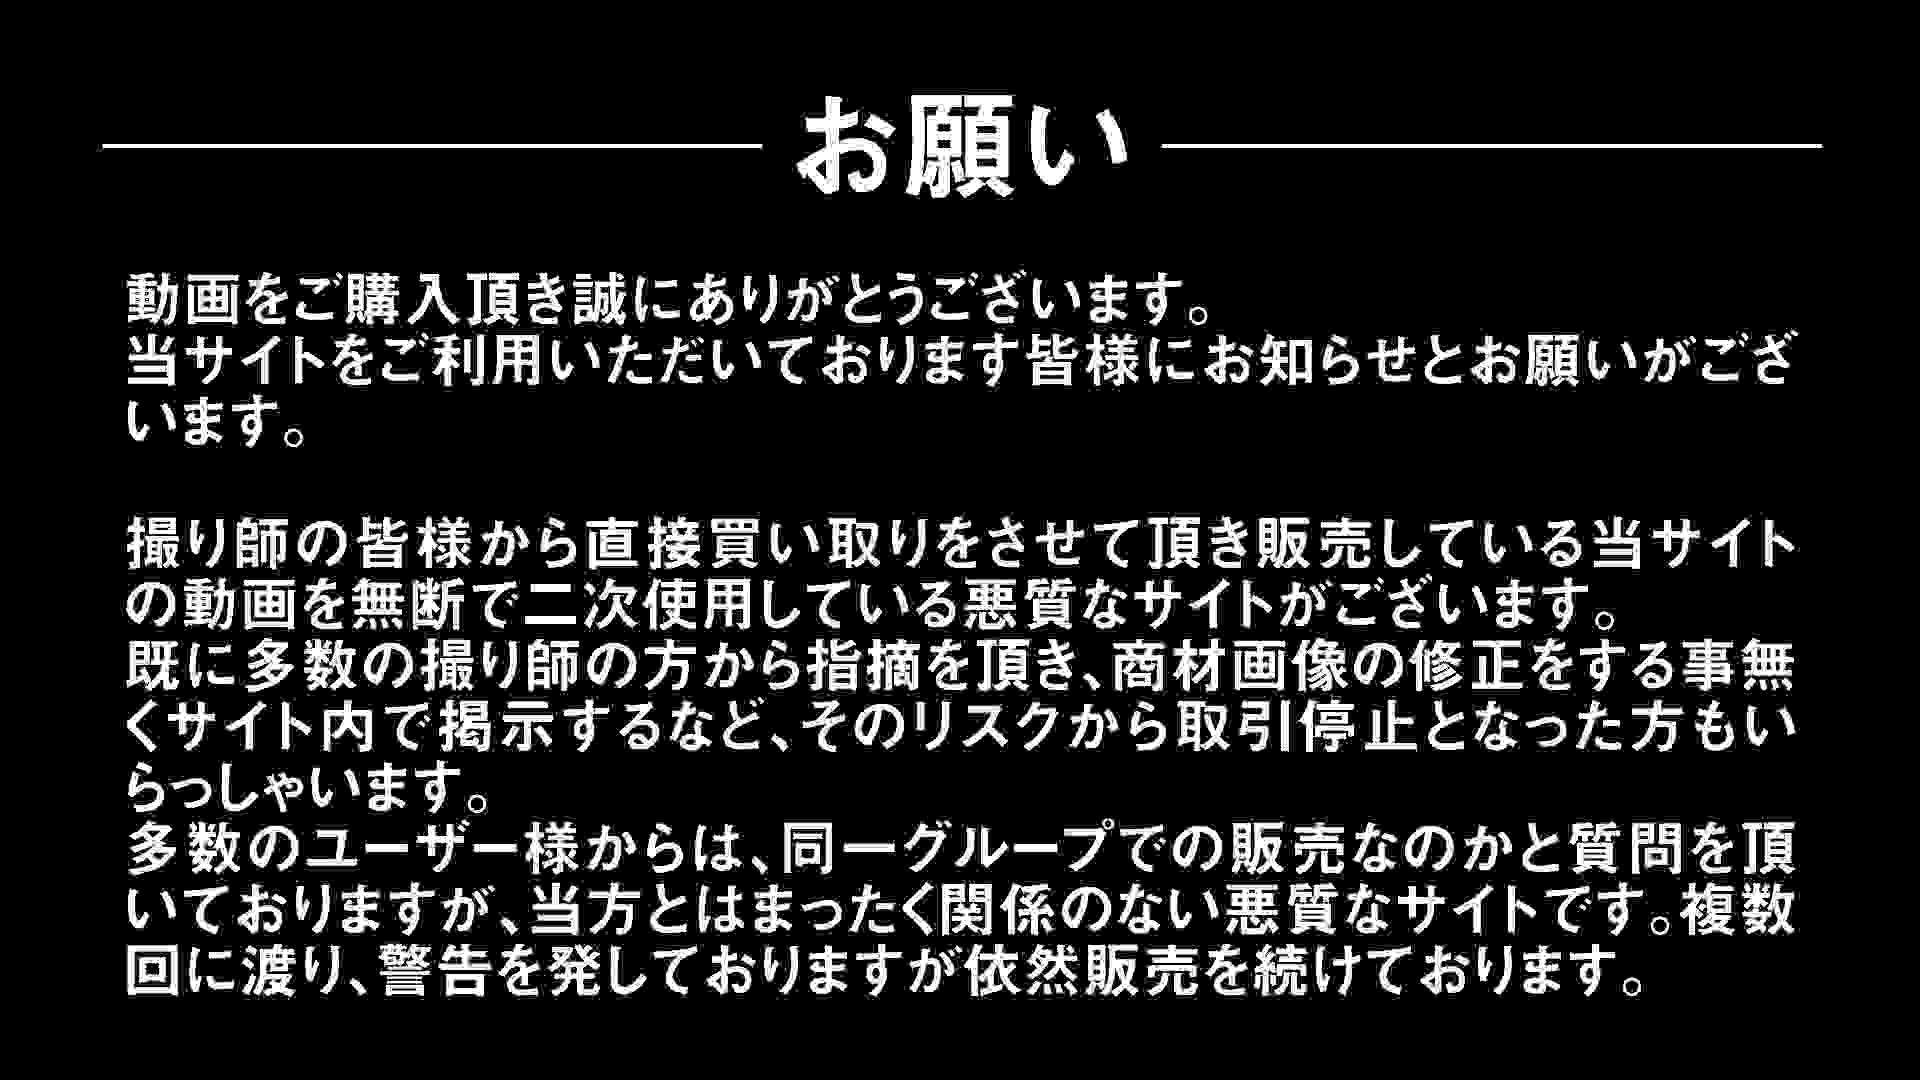 Aquaな露天風呂Vol.299 OLのエロ生活 | 盗撮  53連発 1